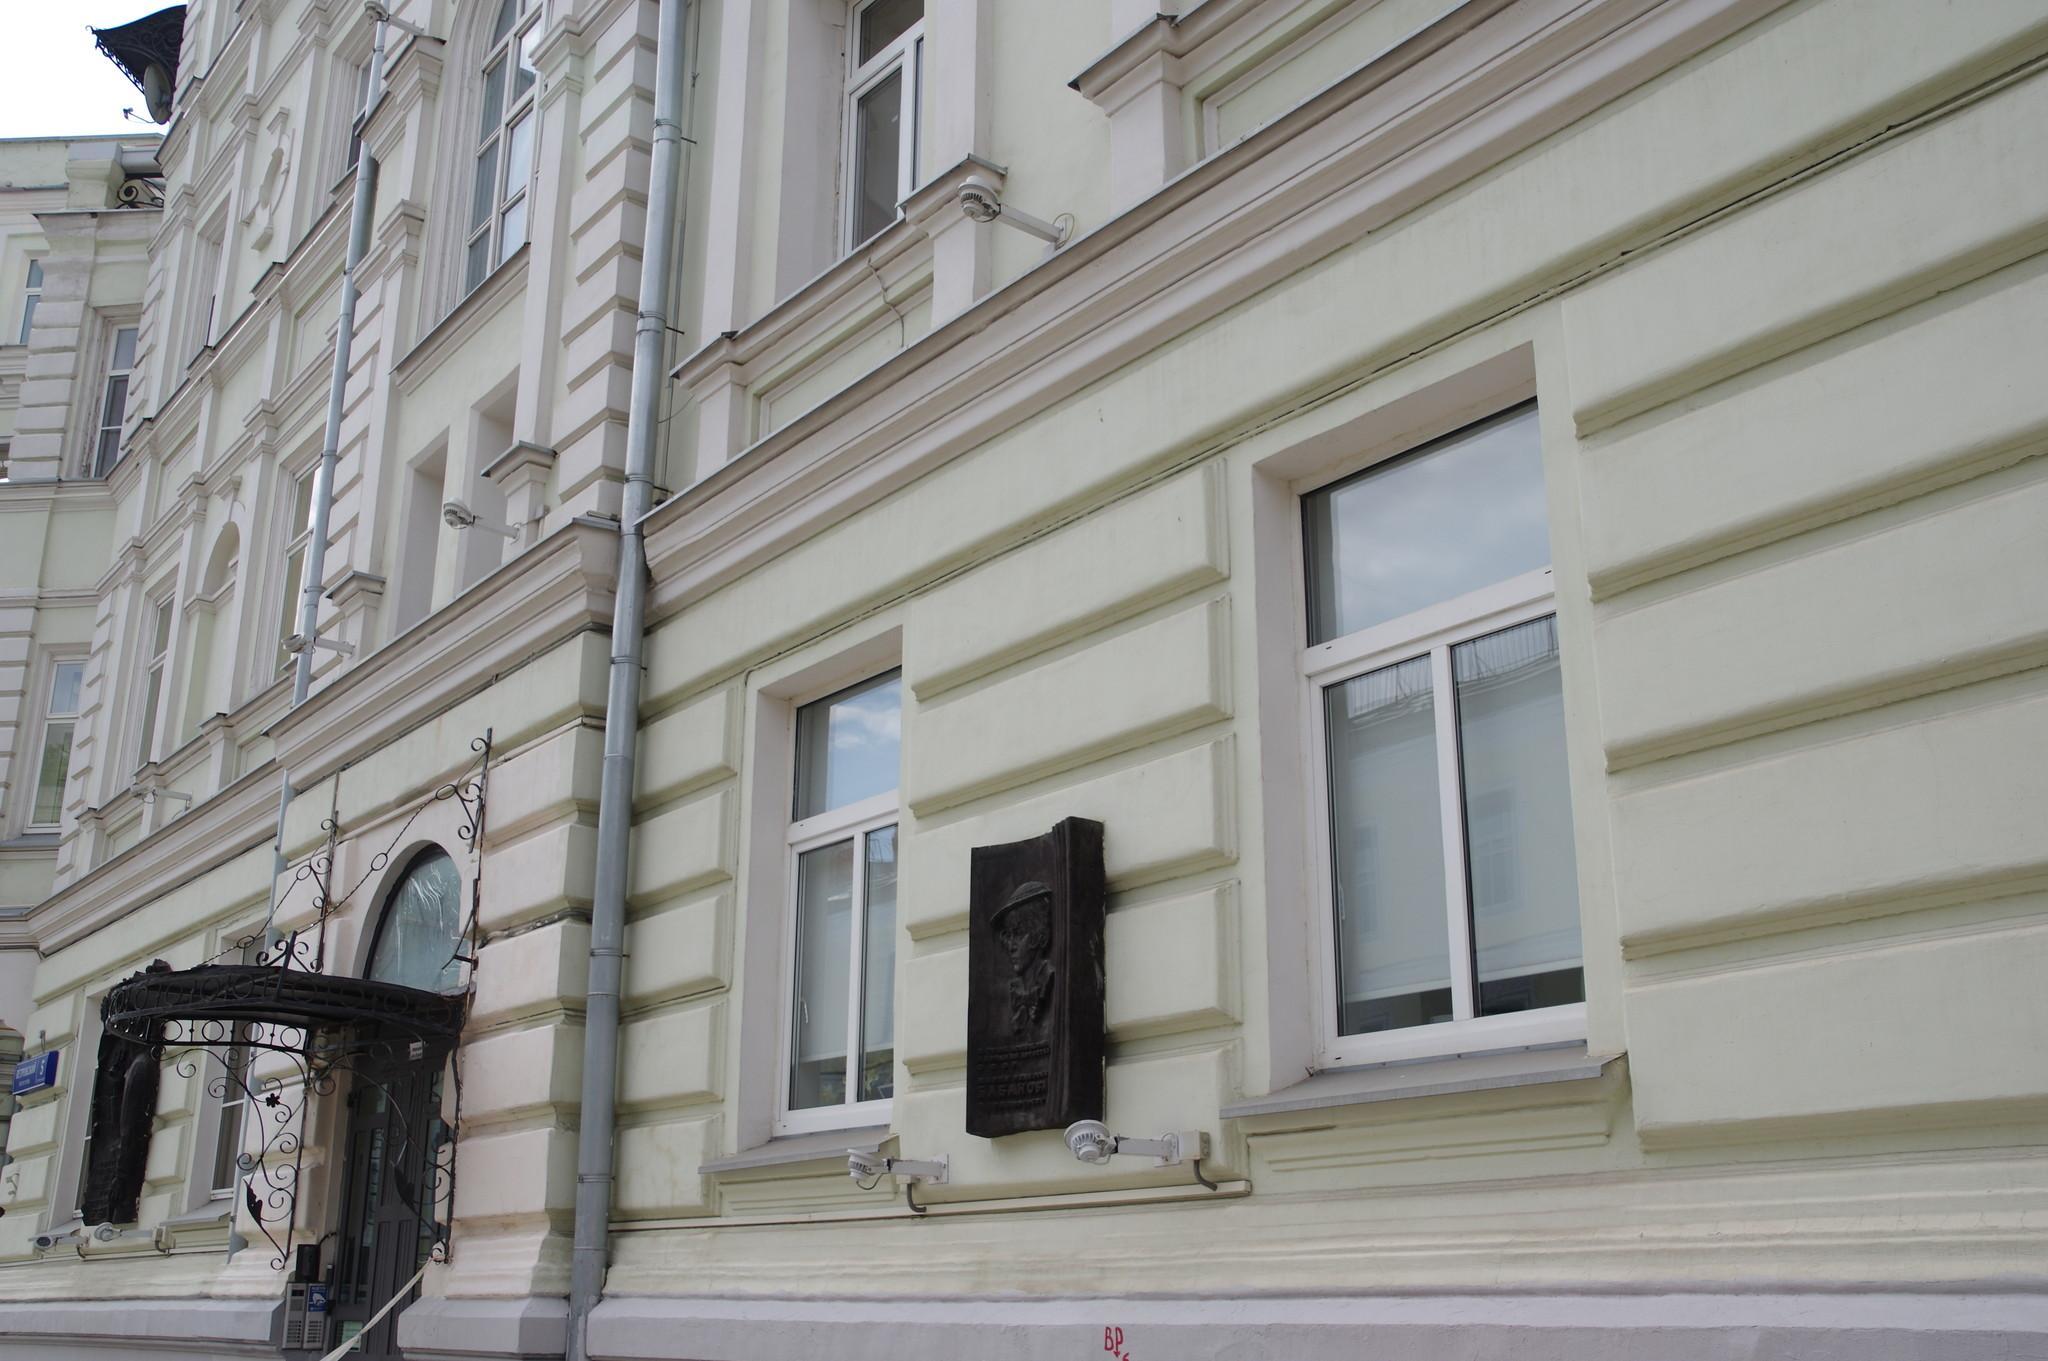 С 1933 года по 1983 год Народная артистка СССР Мария Ивановна Бабанова жила в квартире 79 дома № 5 по улице Москвина (ныне Петровский переулок)